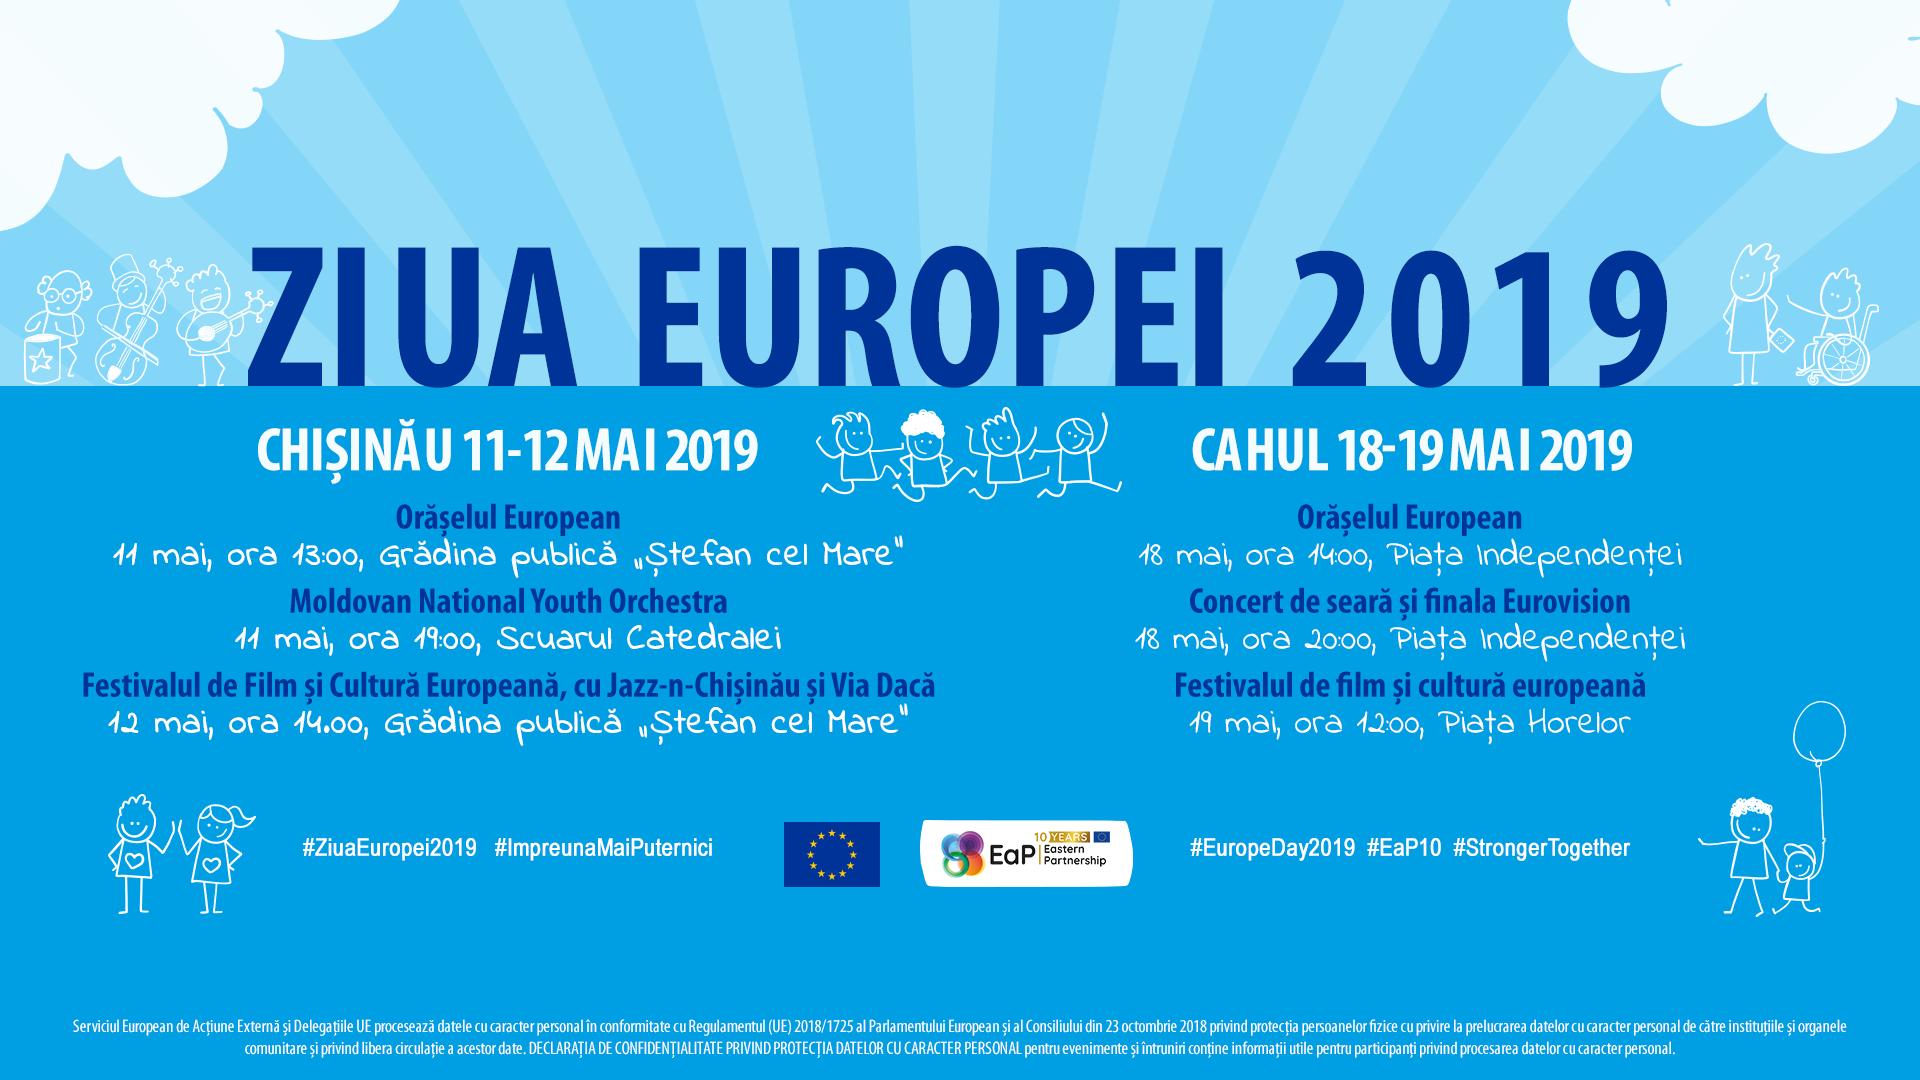 Vino să sărbătorim Ziua Europei, pentru că împreună suntem mai puternici!